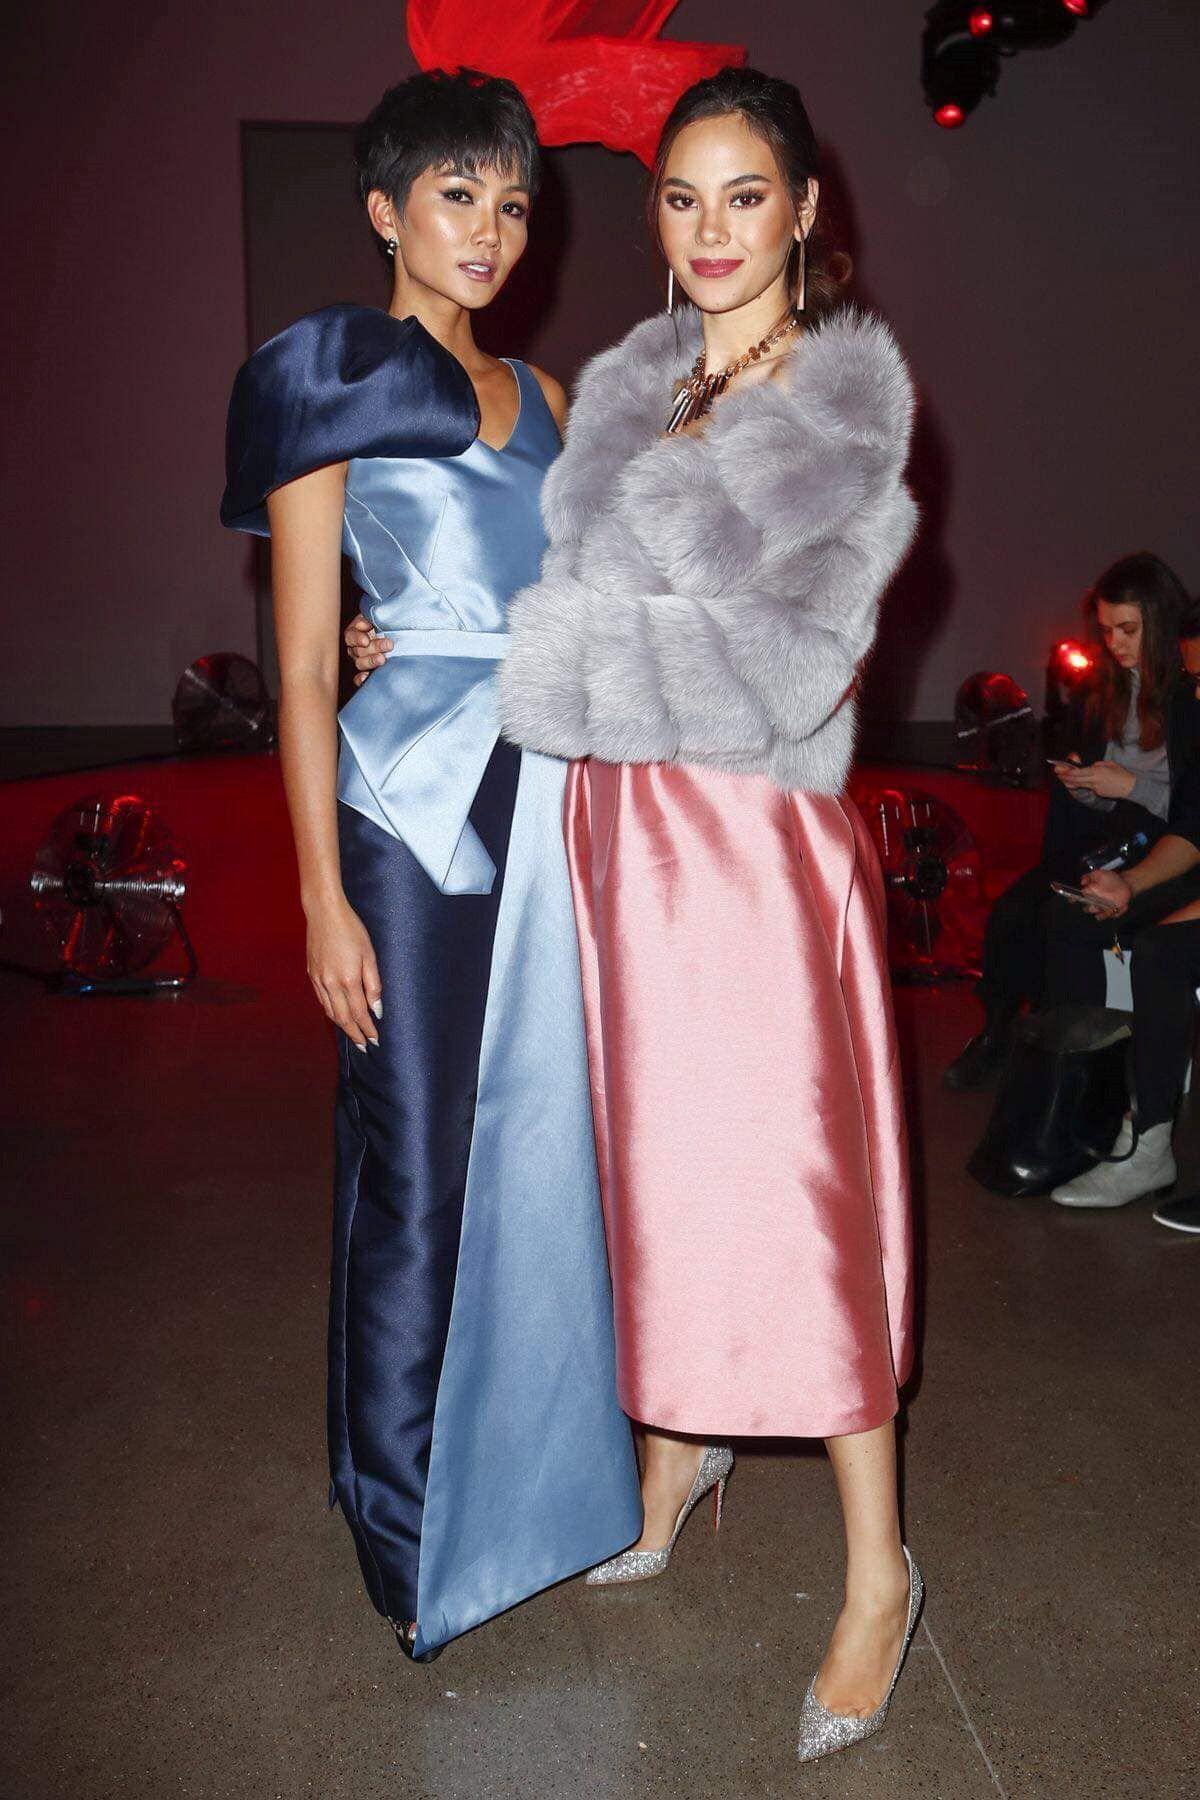 H'Hen Niê hội ngộ Hoa hậu Hoàn vũ tại Tuần lễ Thời trang New York Ảnh 2